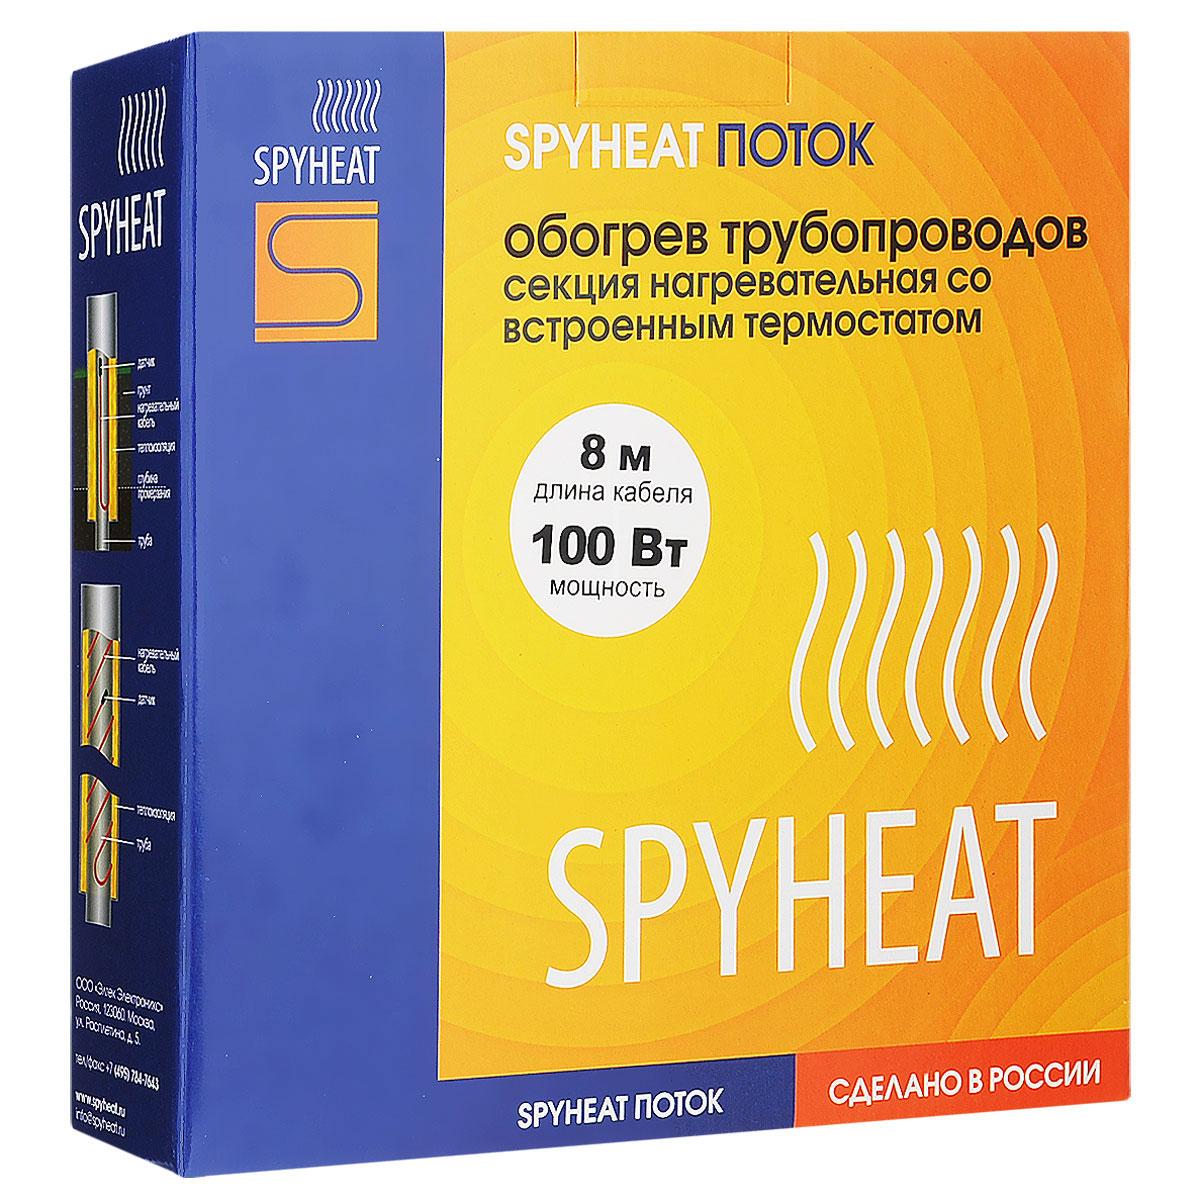 Секция для обогрева трубопроводов Spyheat Поток, 100 Вт, 8 мSHFD-12-100Нагревательная секция Spyheat Поток на основе двухжильного экранированного кабеля. Предназначена для обогрева трубопроводов. Имеет встроенный термодатчик с настройкой рабочей температуры +5°С. Кабель изготовлен по уникальной технологии, при которой обе жилы нагревательные и защищены фторопластовой изоляцией. Нагревательные жилы экранированы медной оплеткой, подключаемой к земле, что увеличивает надежность и электробезопасность системы.